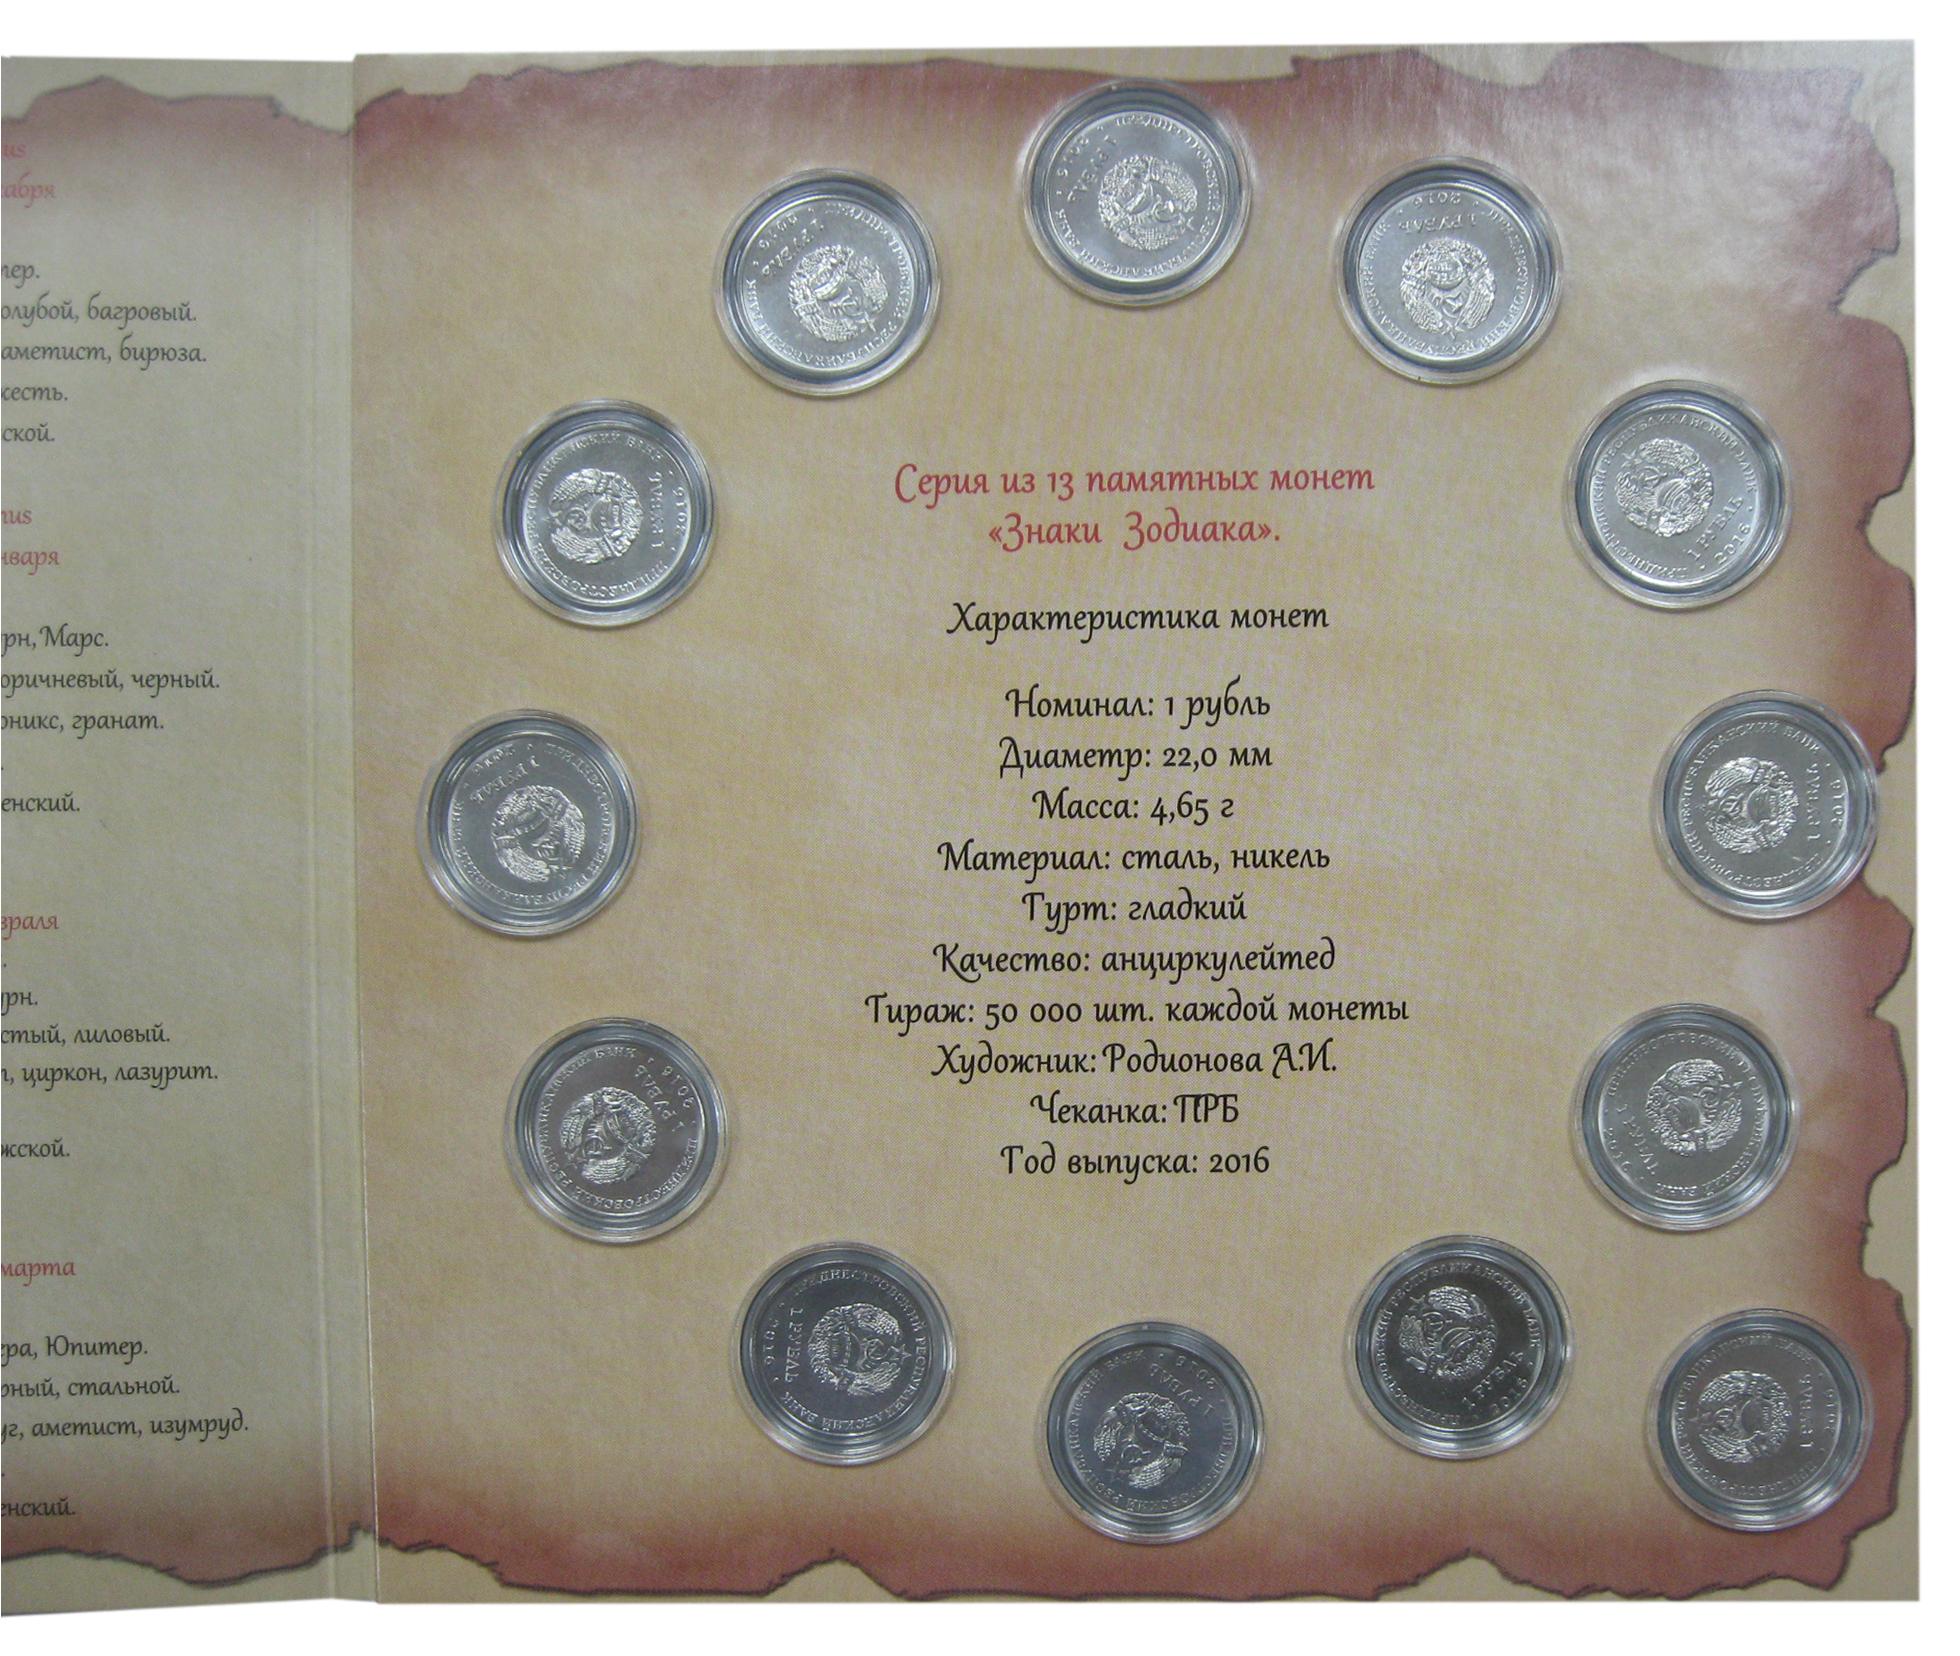 Набор из 13 памятных монет серии